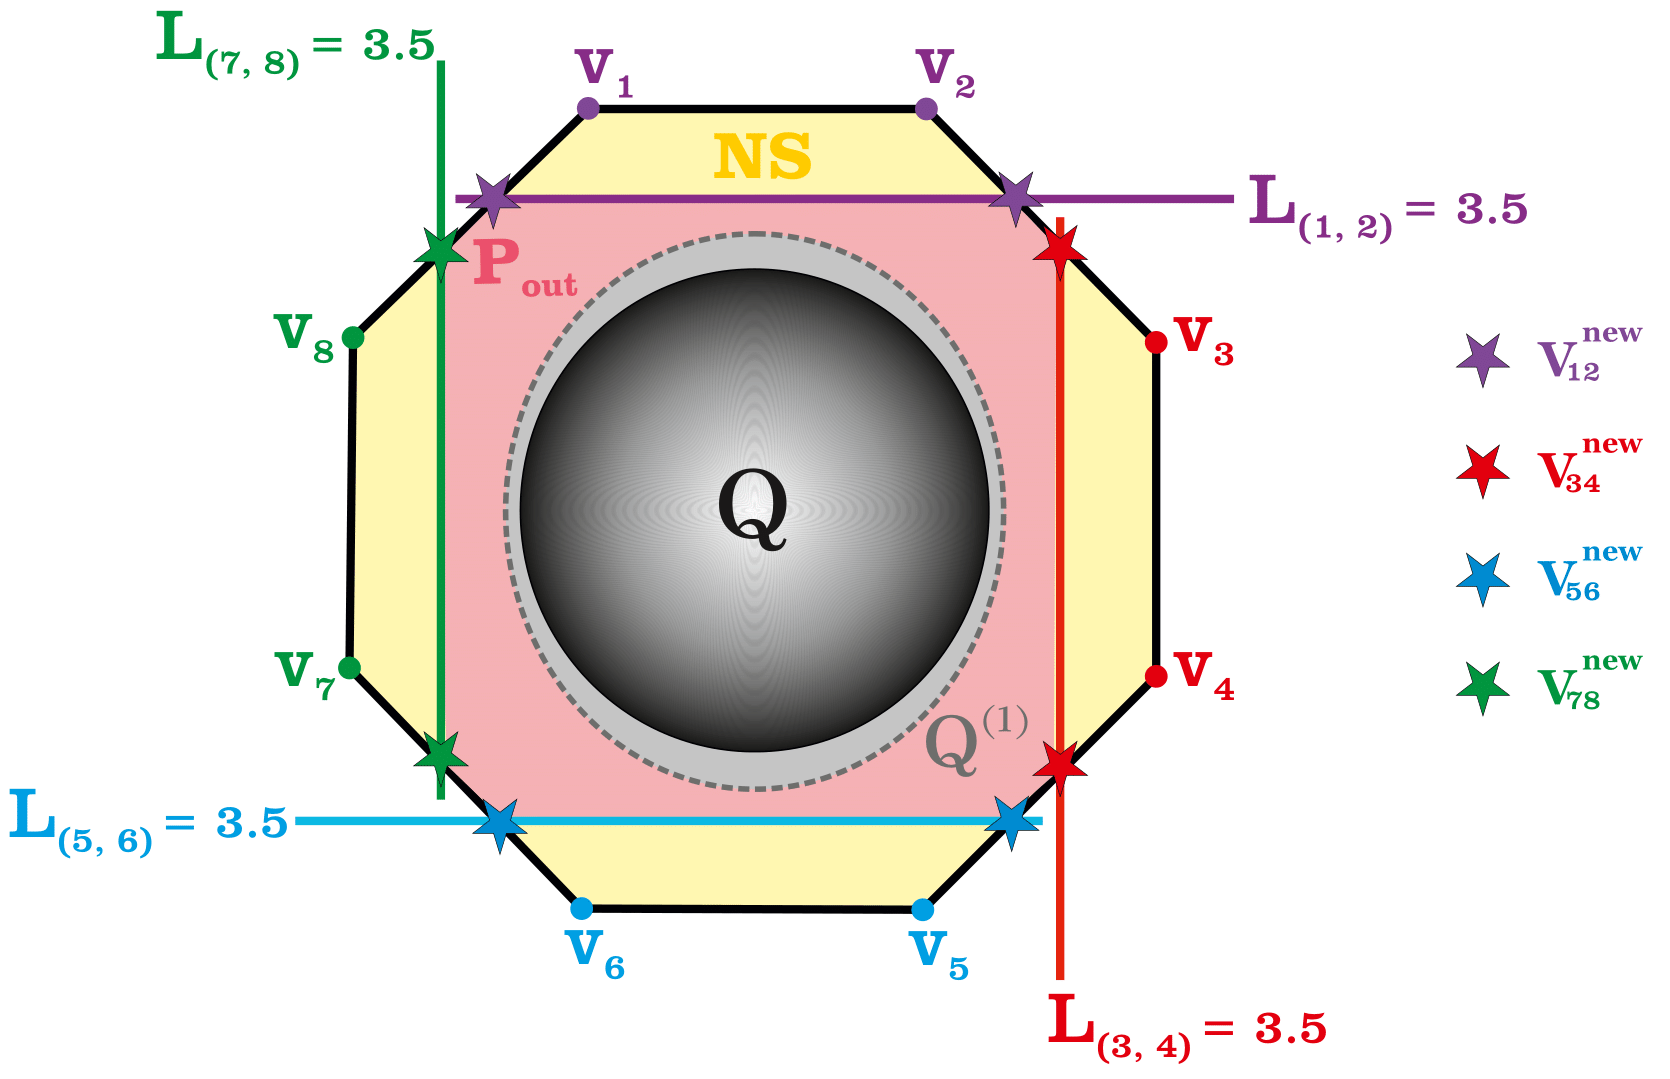 그림 2. 확률 공간에서 양자 비국소성을 포함하는 다면체를 구성하여, 양자 채널 용량을 근사하였다. 내부의 Q는 양자 확률 공간이며 이를 포함하는 다면체를 구성한다.